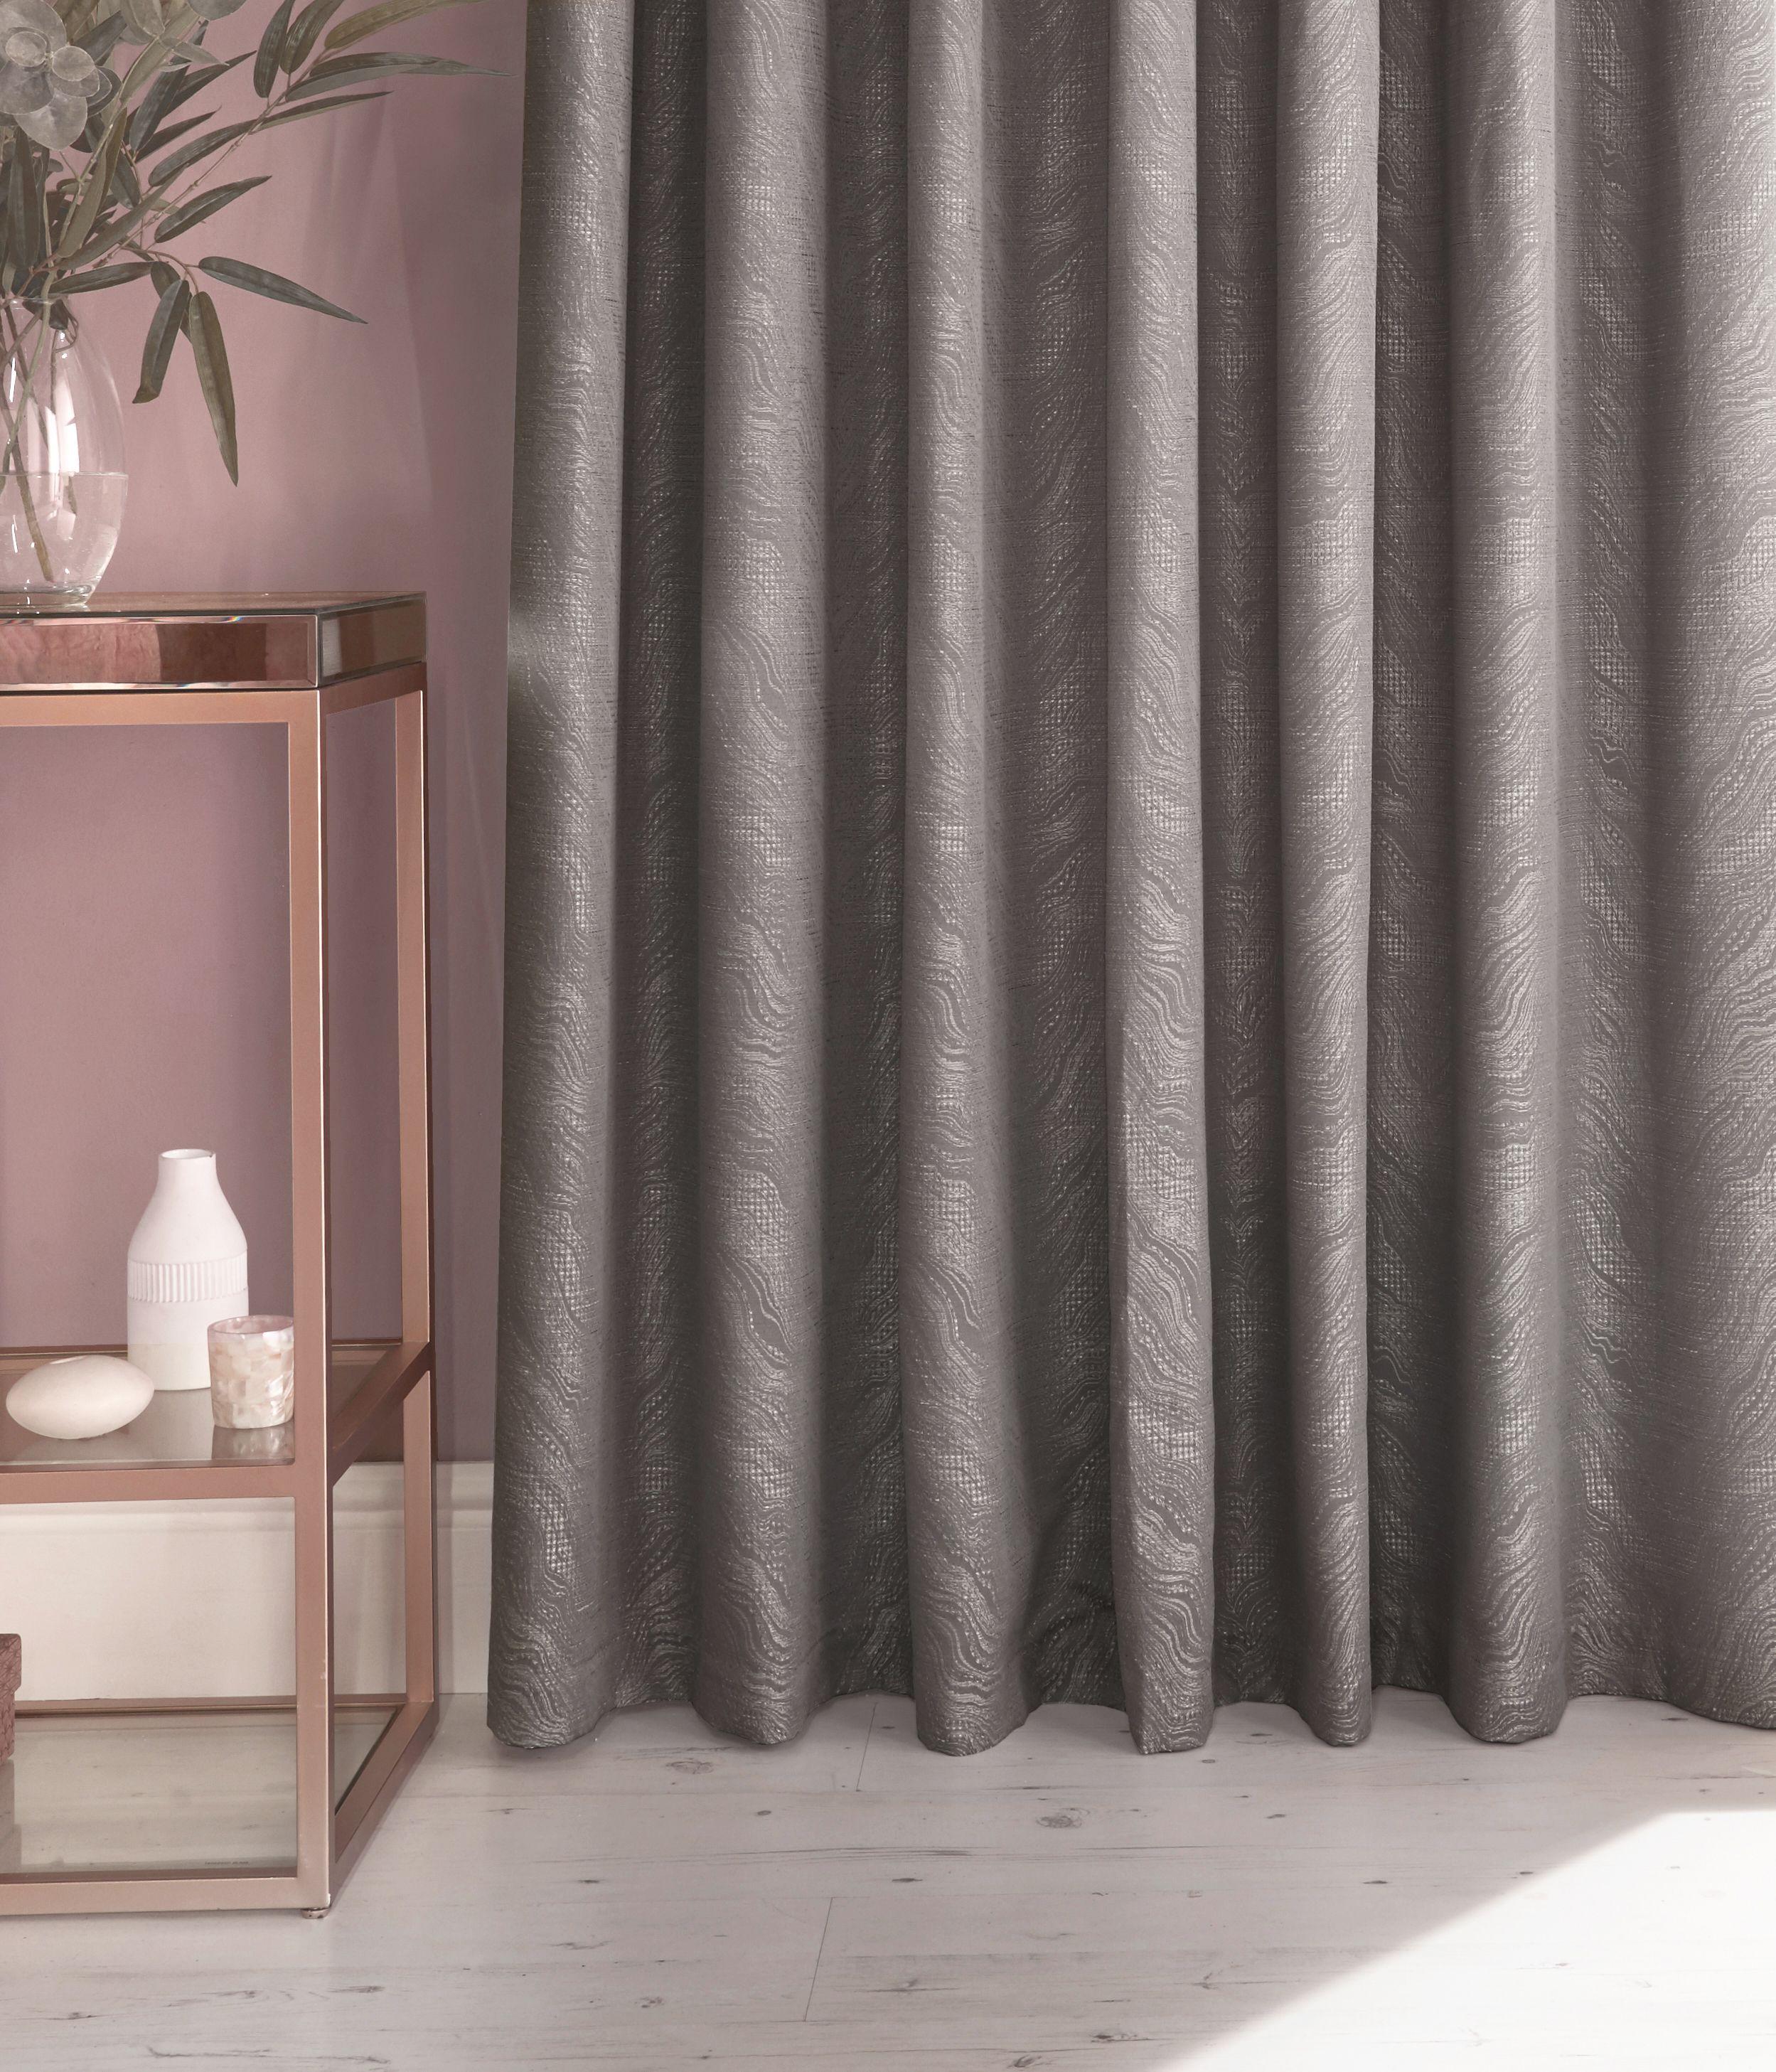 Himalaya Jacquard Eyelet Curtains in Silver